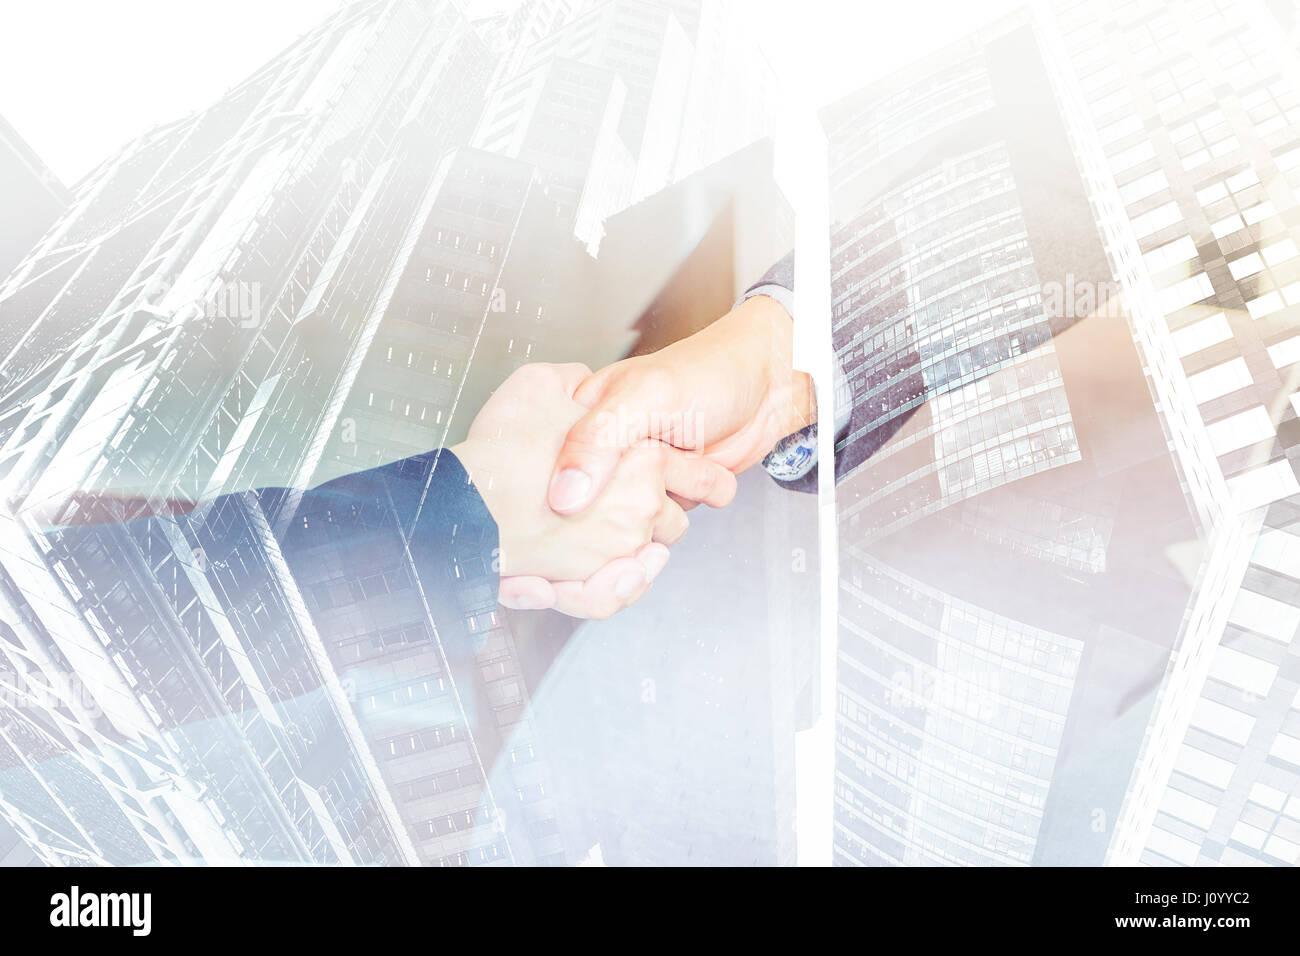 Double exposition de Close up young handshake with cityscape immobilier, commerce concept de partenariat. Photo Stock